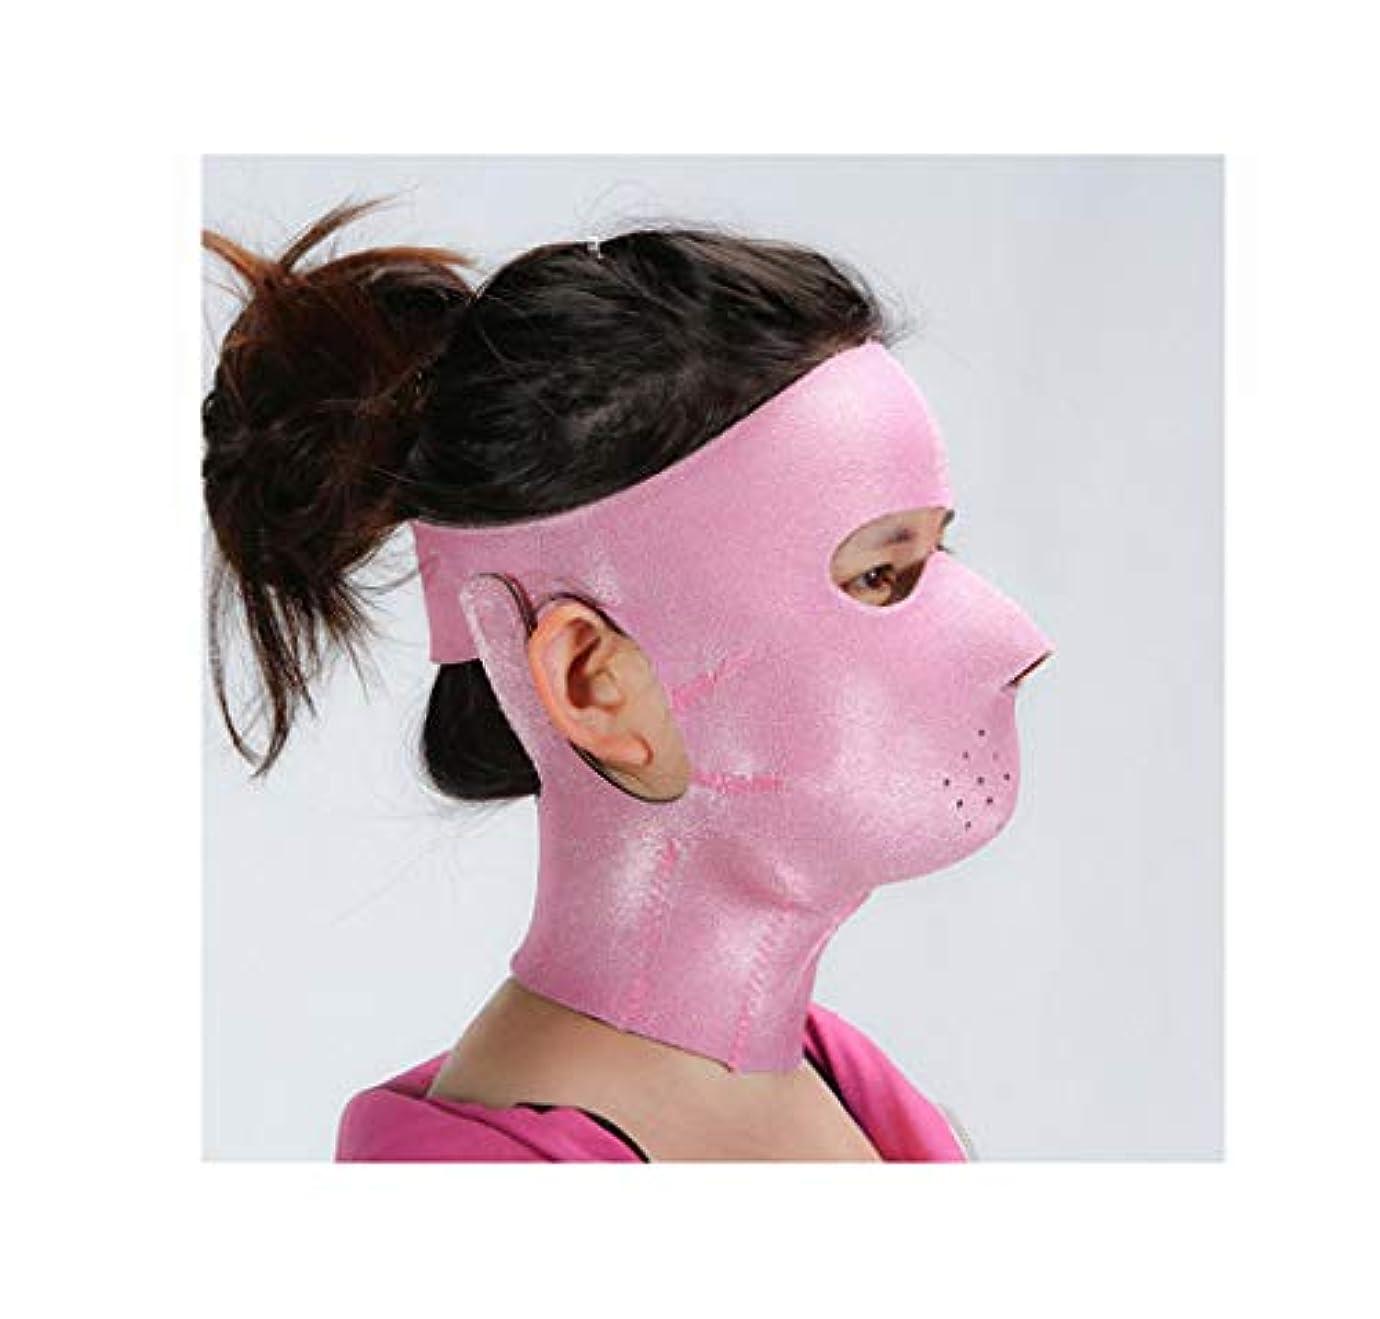 パトロン八百屋皮肉なフェイスリフトマスク、フェイシャルマスクプラス薄いフェイスマスクタイトアンチたるみシンフェイスマスクフェイシャル薄いフェイスマスクアーティファクトビューティーネックストラップ付き